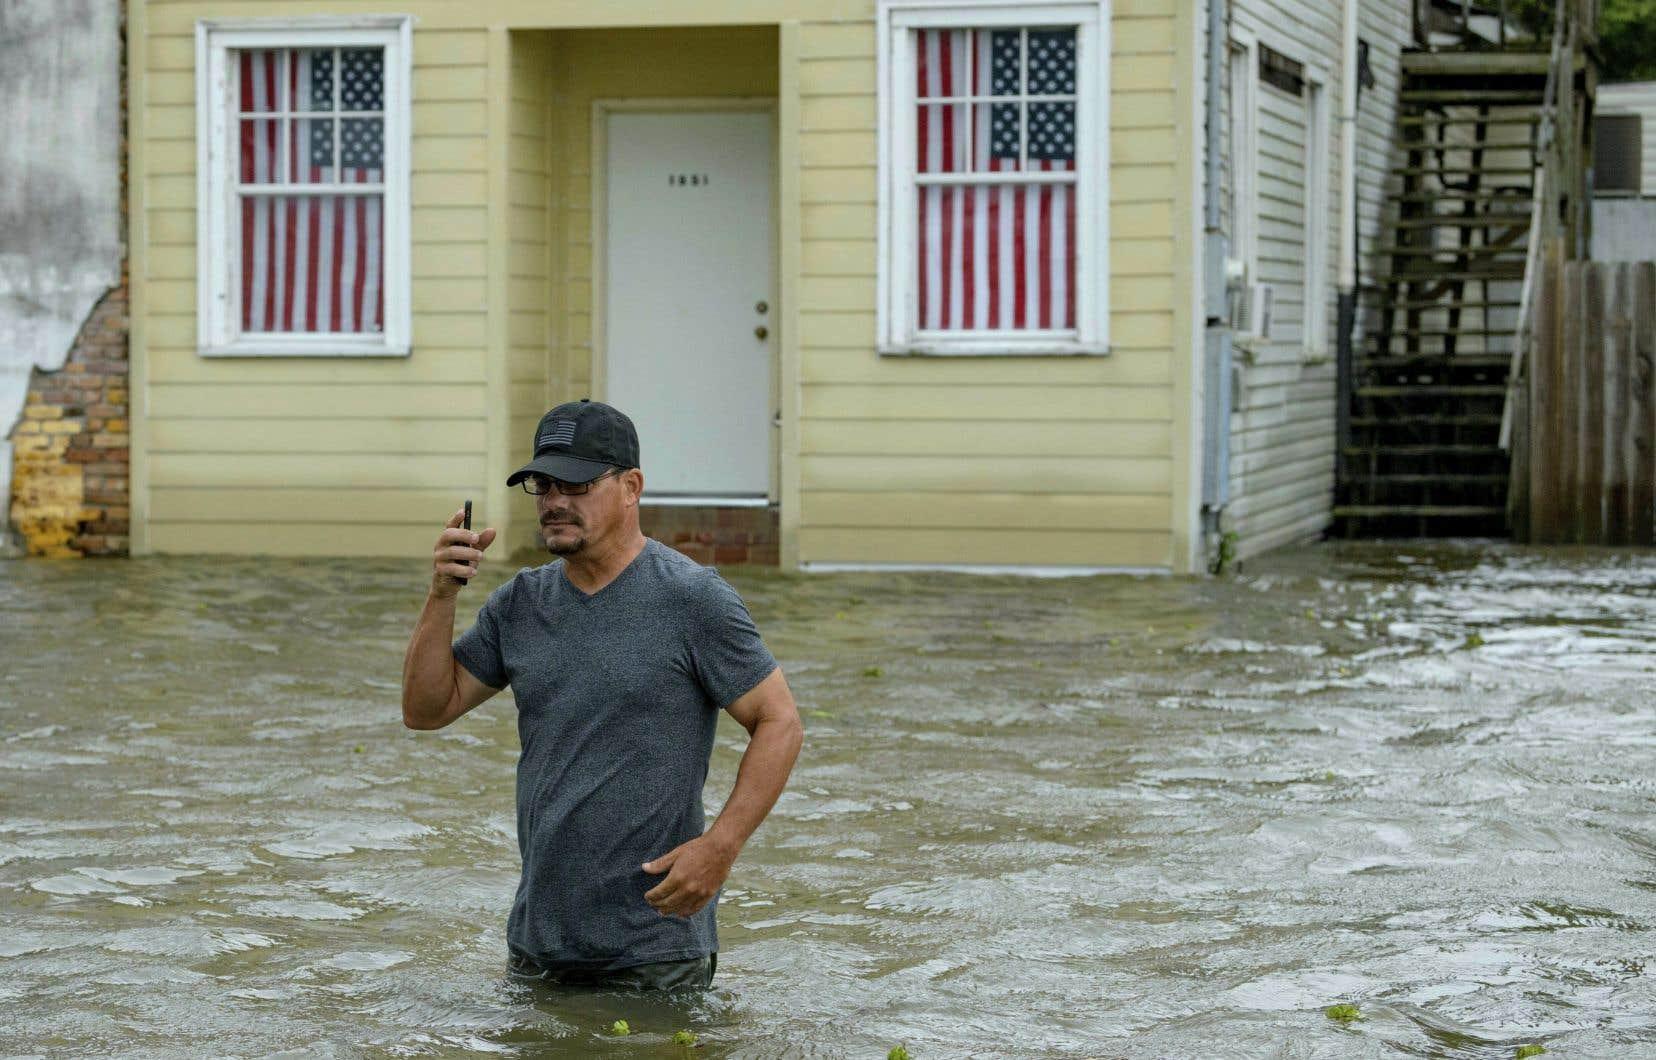 Le niveau du lac Pontchartrain, sur les berges duquel est nichée La Nouvelle-Orléans, a subi une hausse samedi matin.